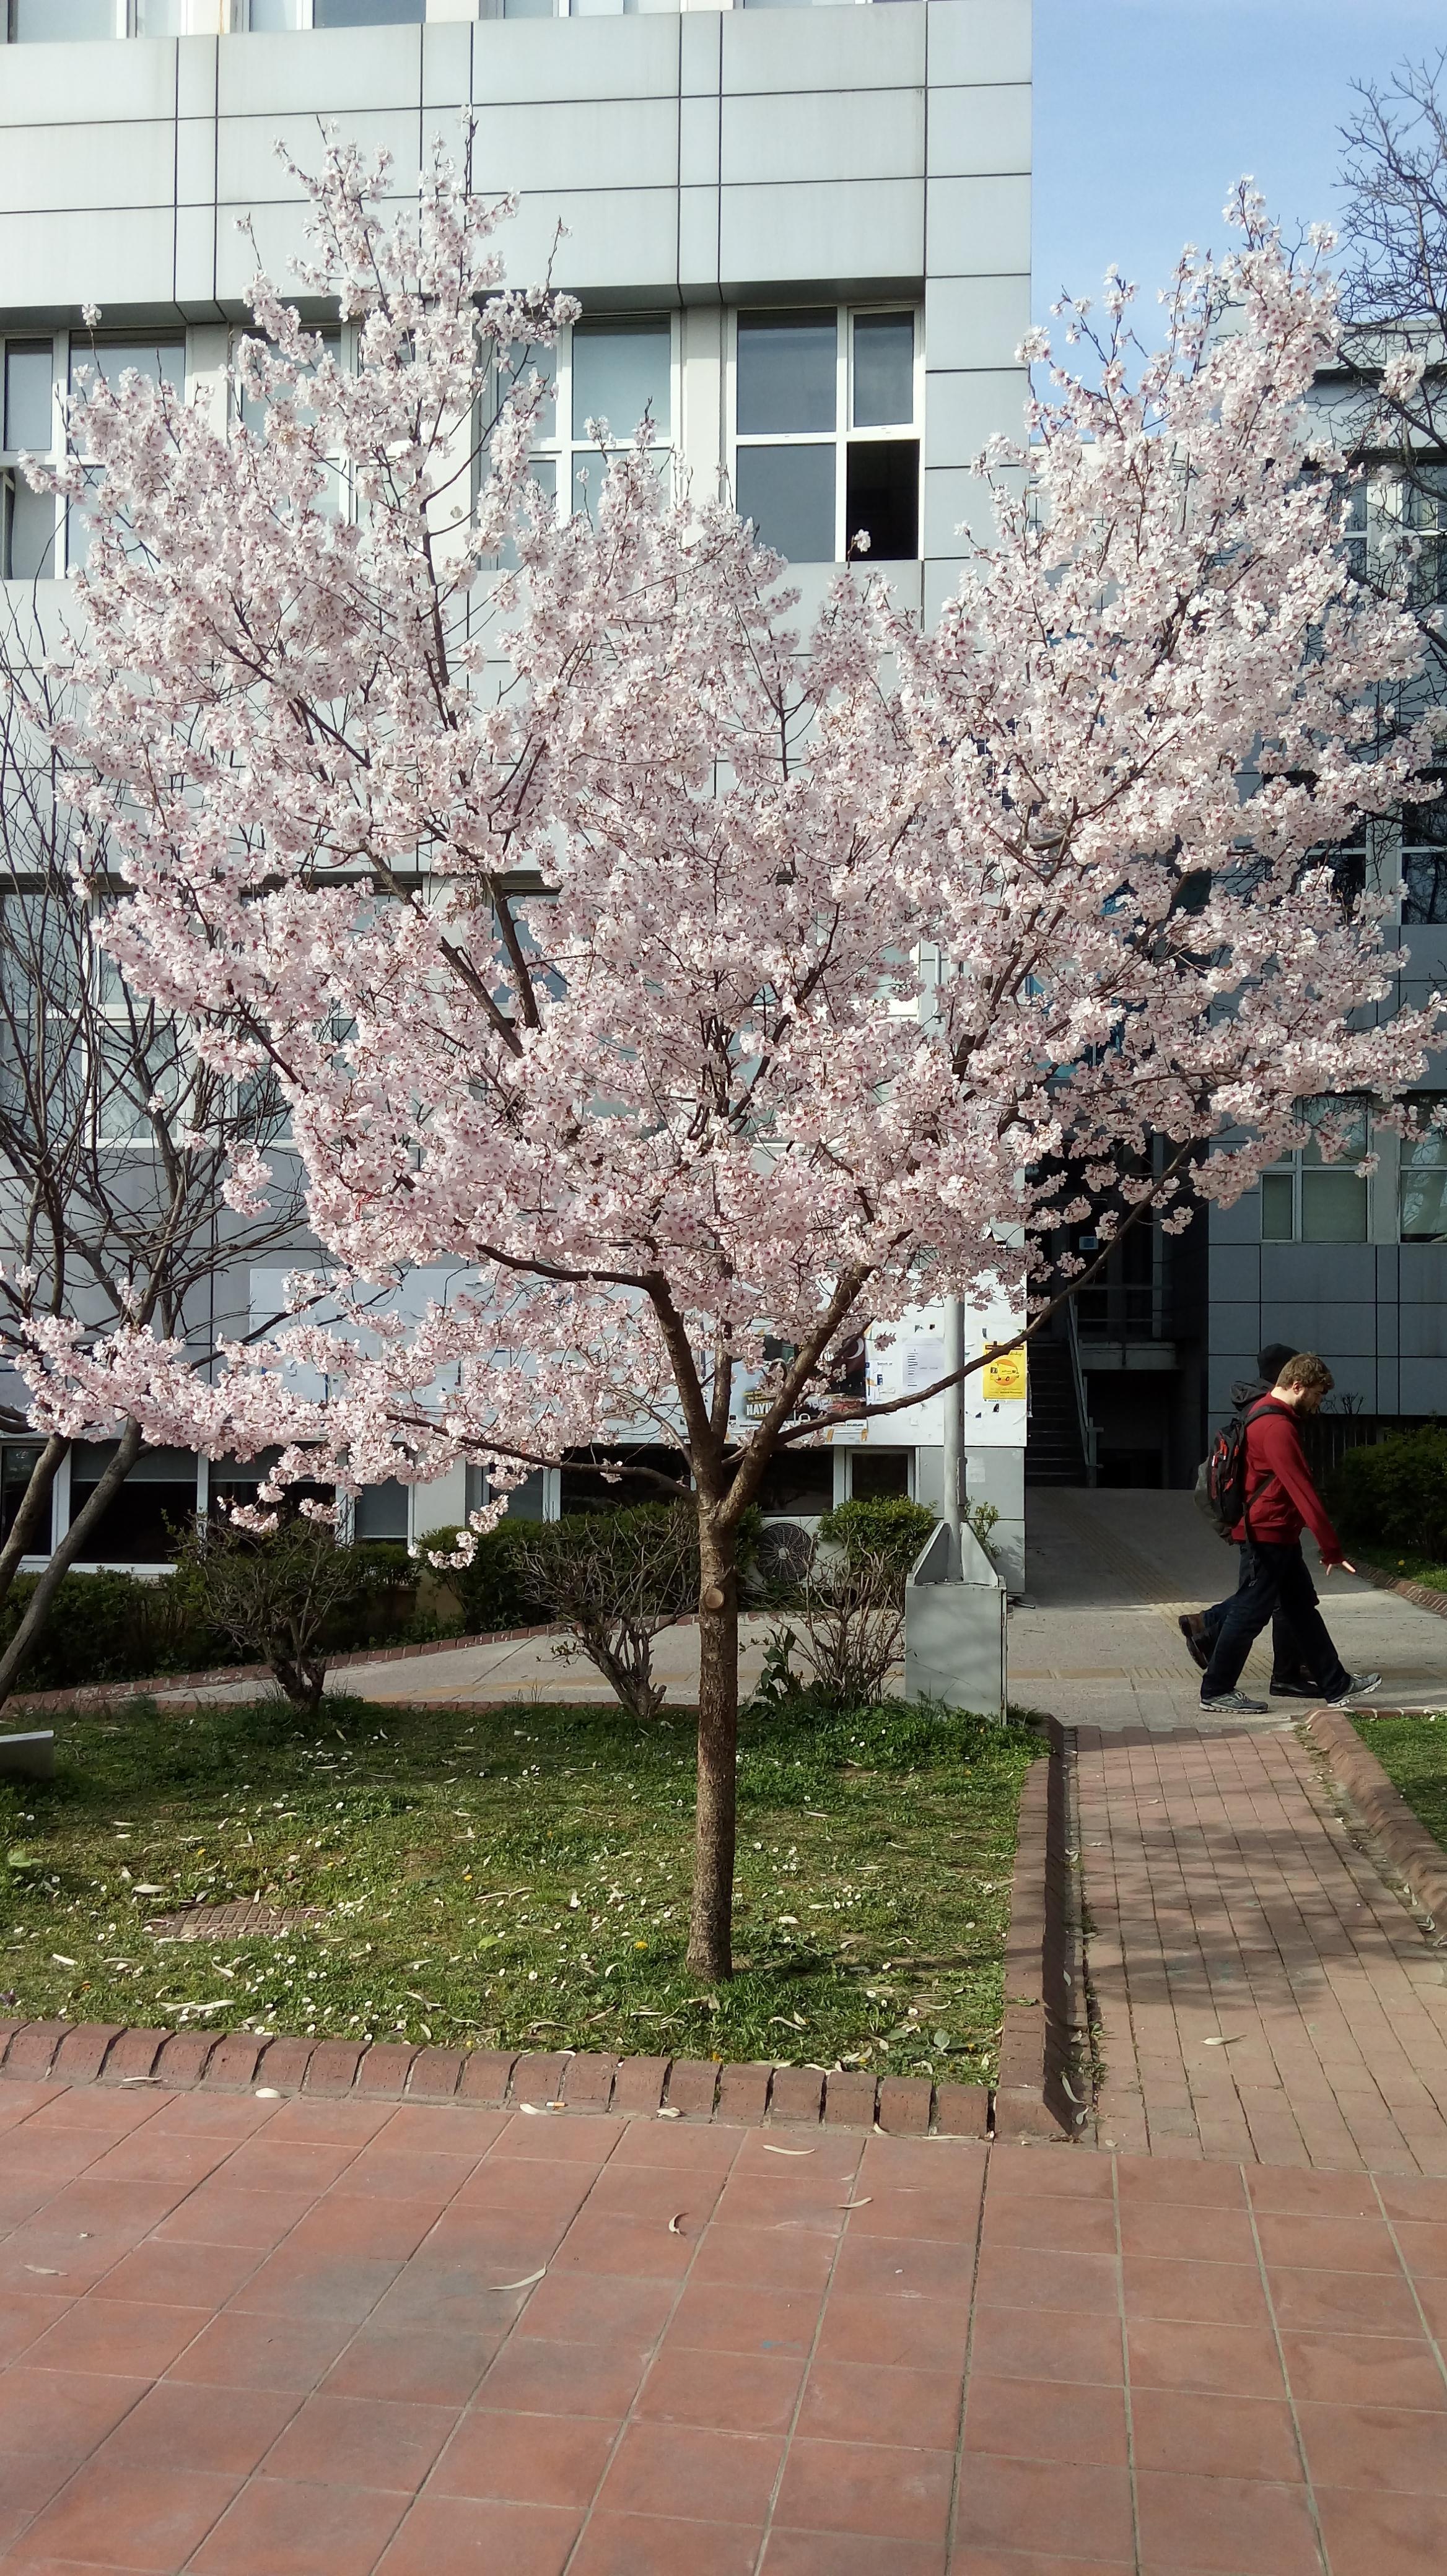 Baharda çiçek Açan Ağaçlar Uludağ Sözlük